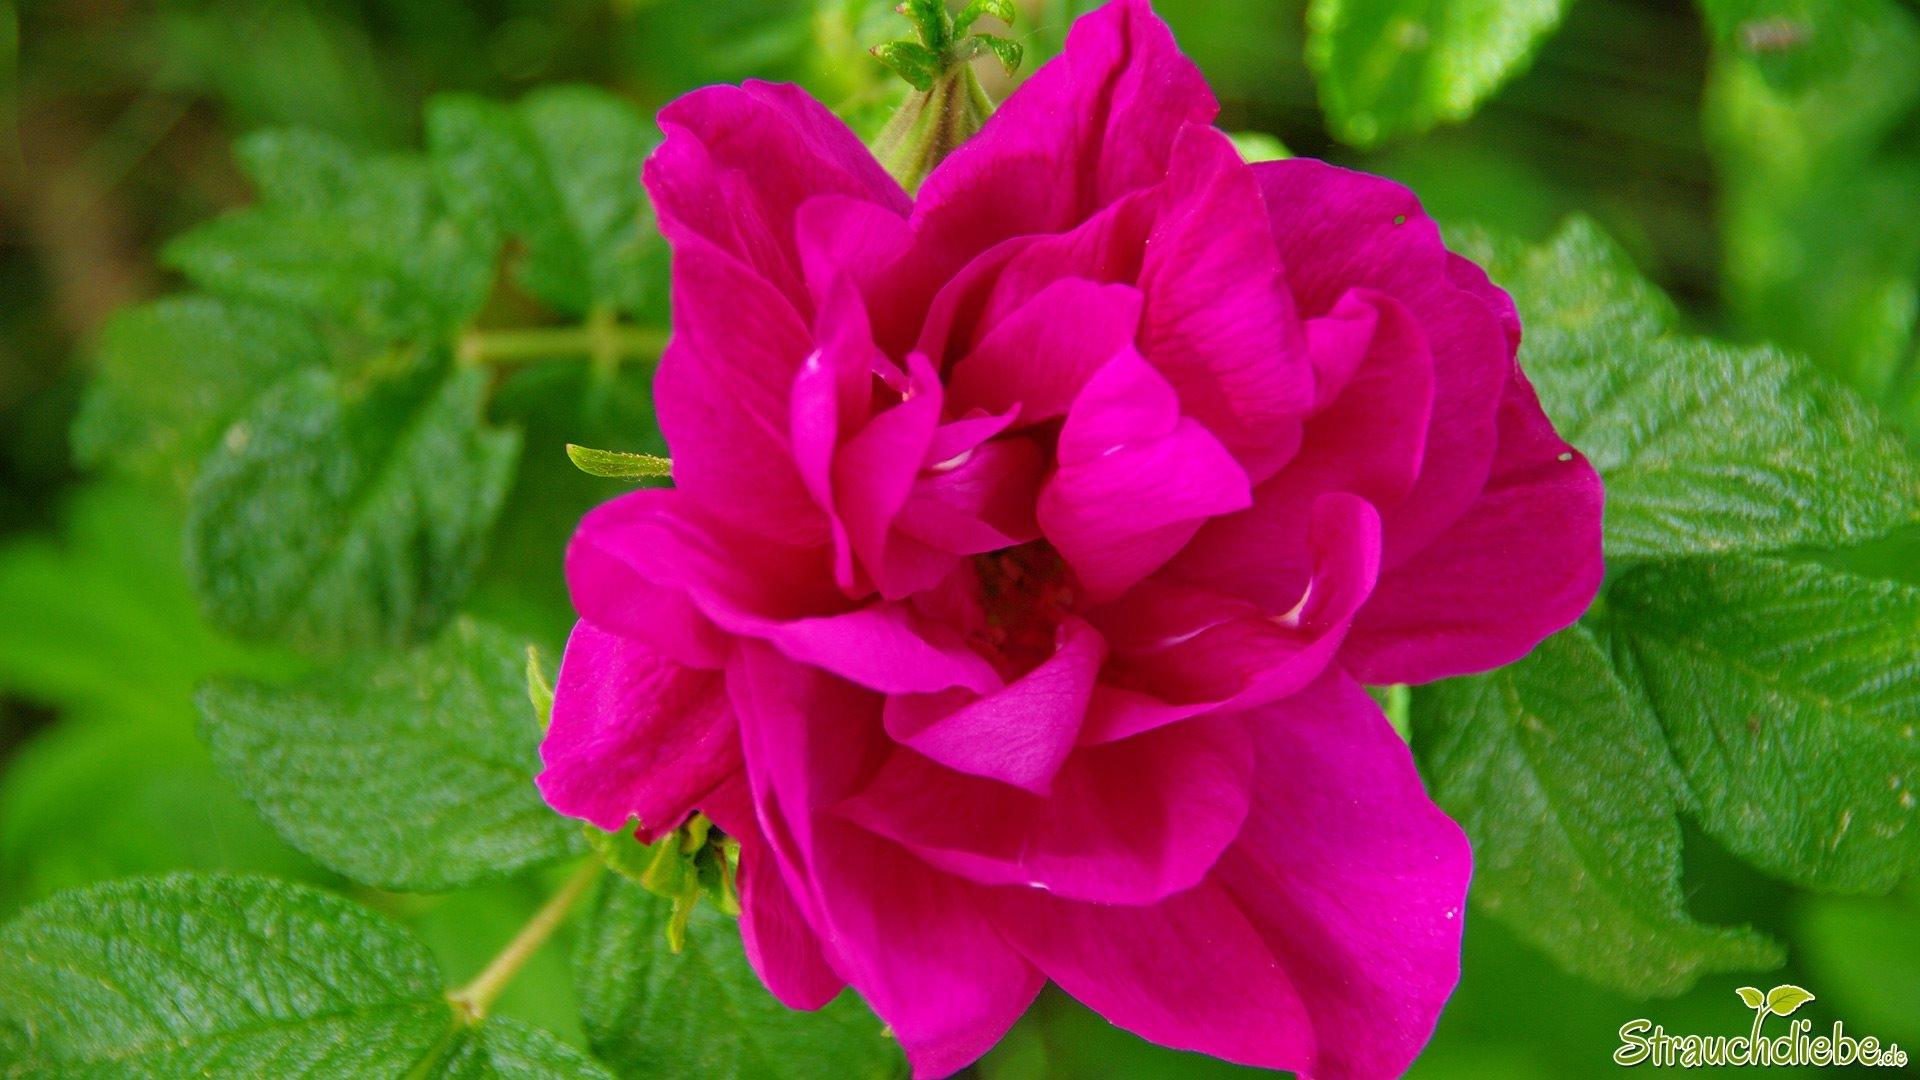 Rosa corymbifera strauchdiebe - Gartenarbeiten im mai ...